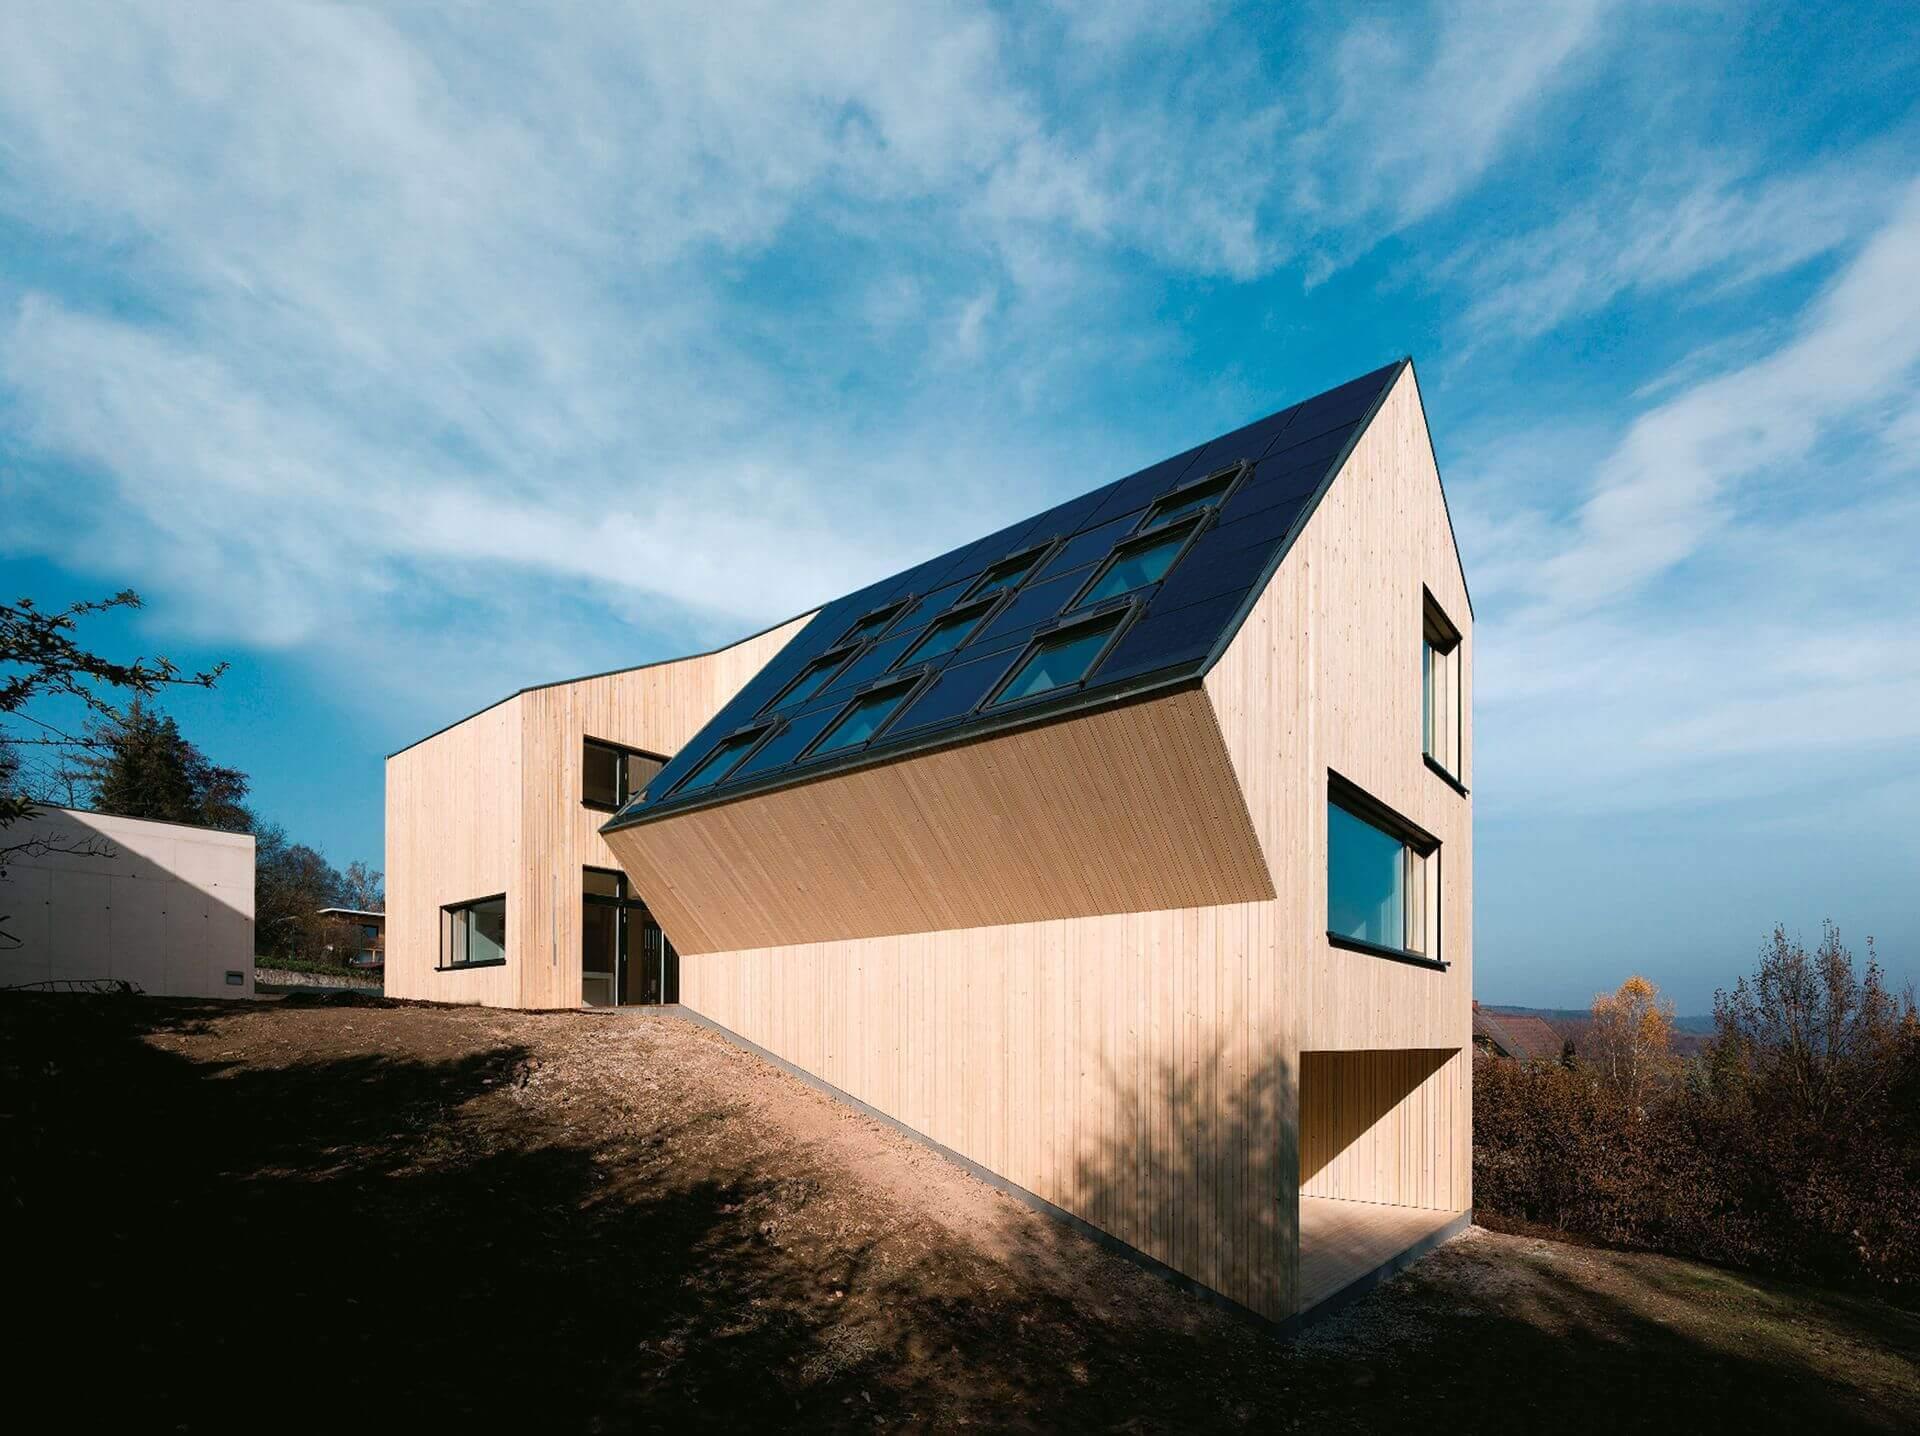 Una casa a bilancio energetico zero